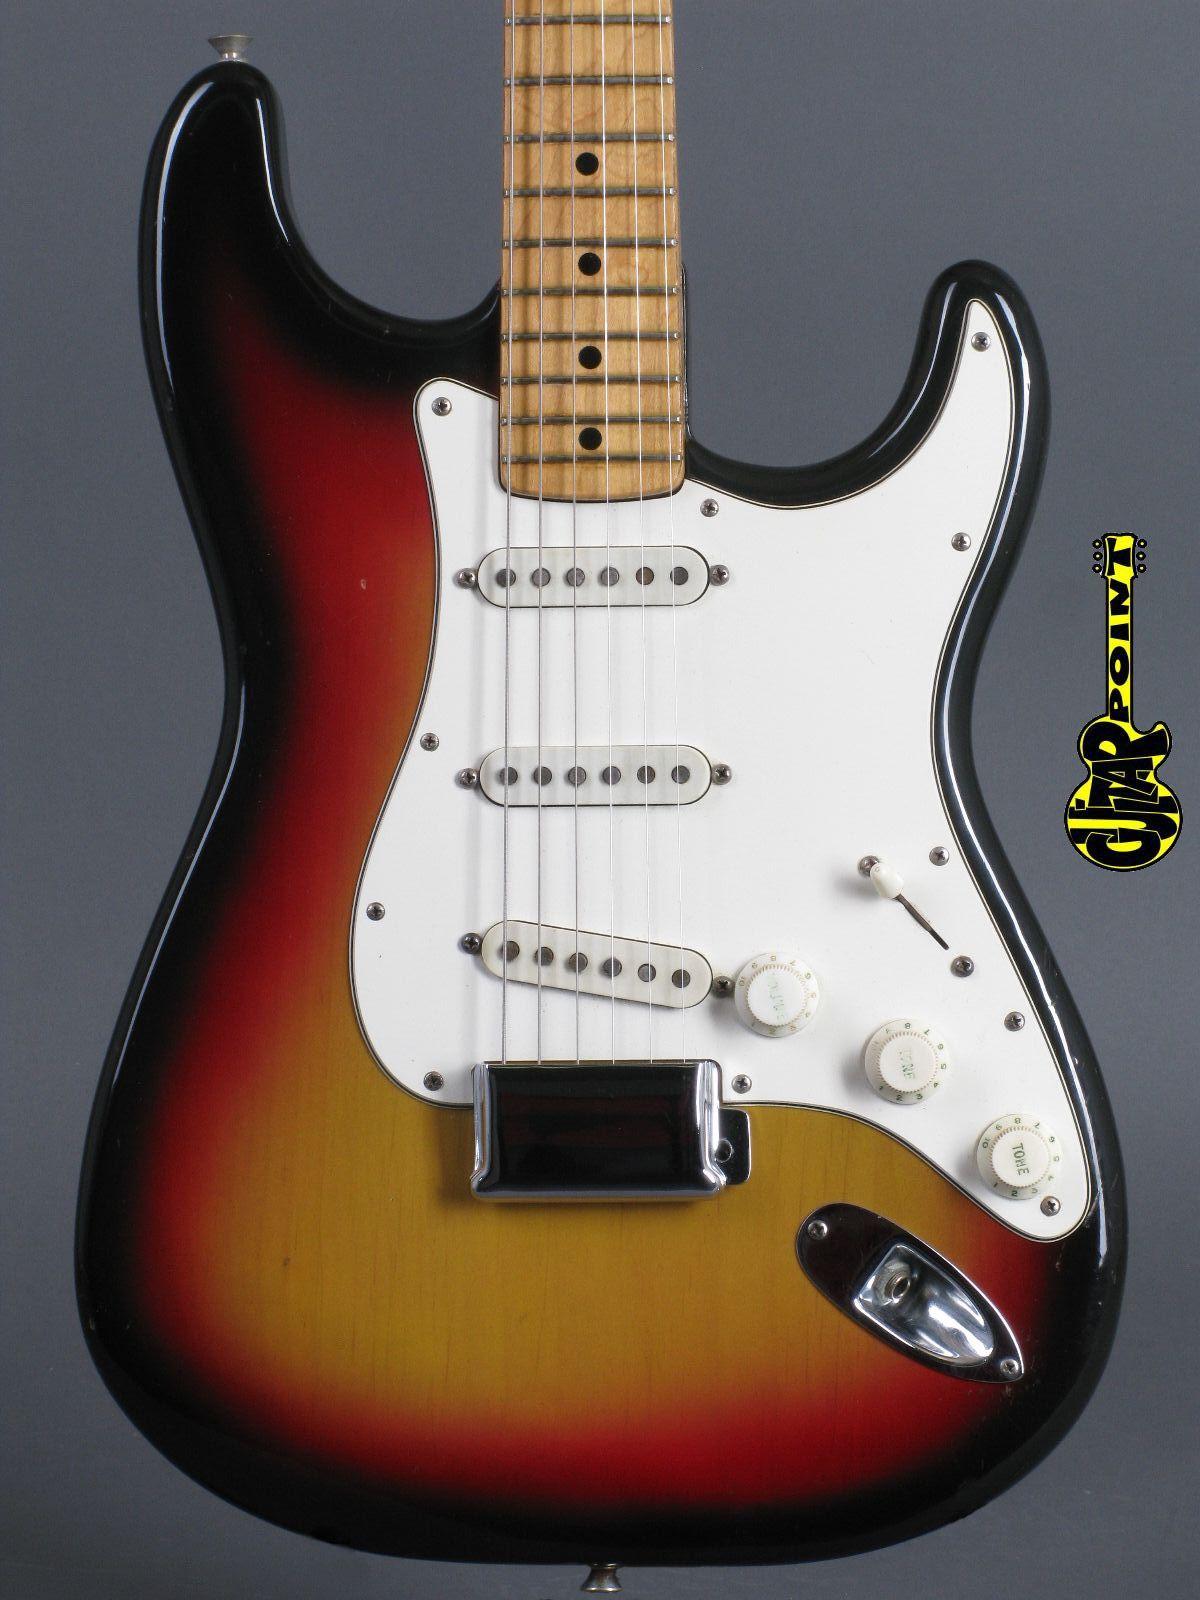 1974 Fender Stratocaster - 3t-Sunburst / Mapleneck